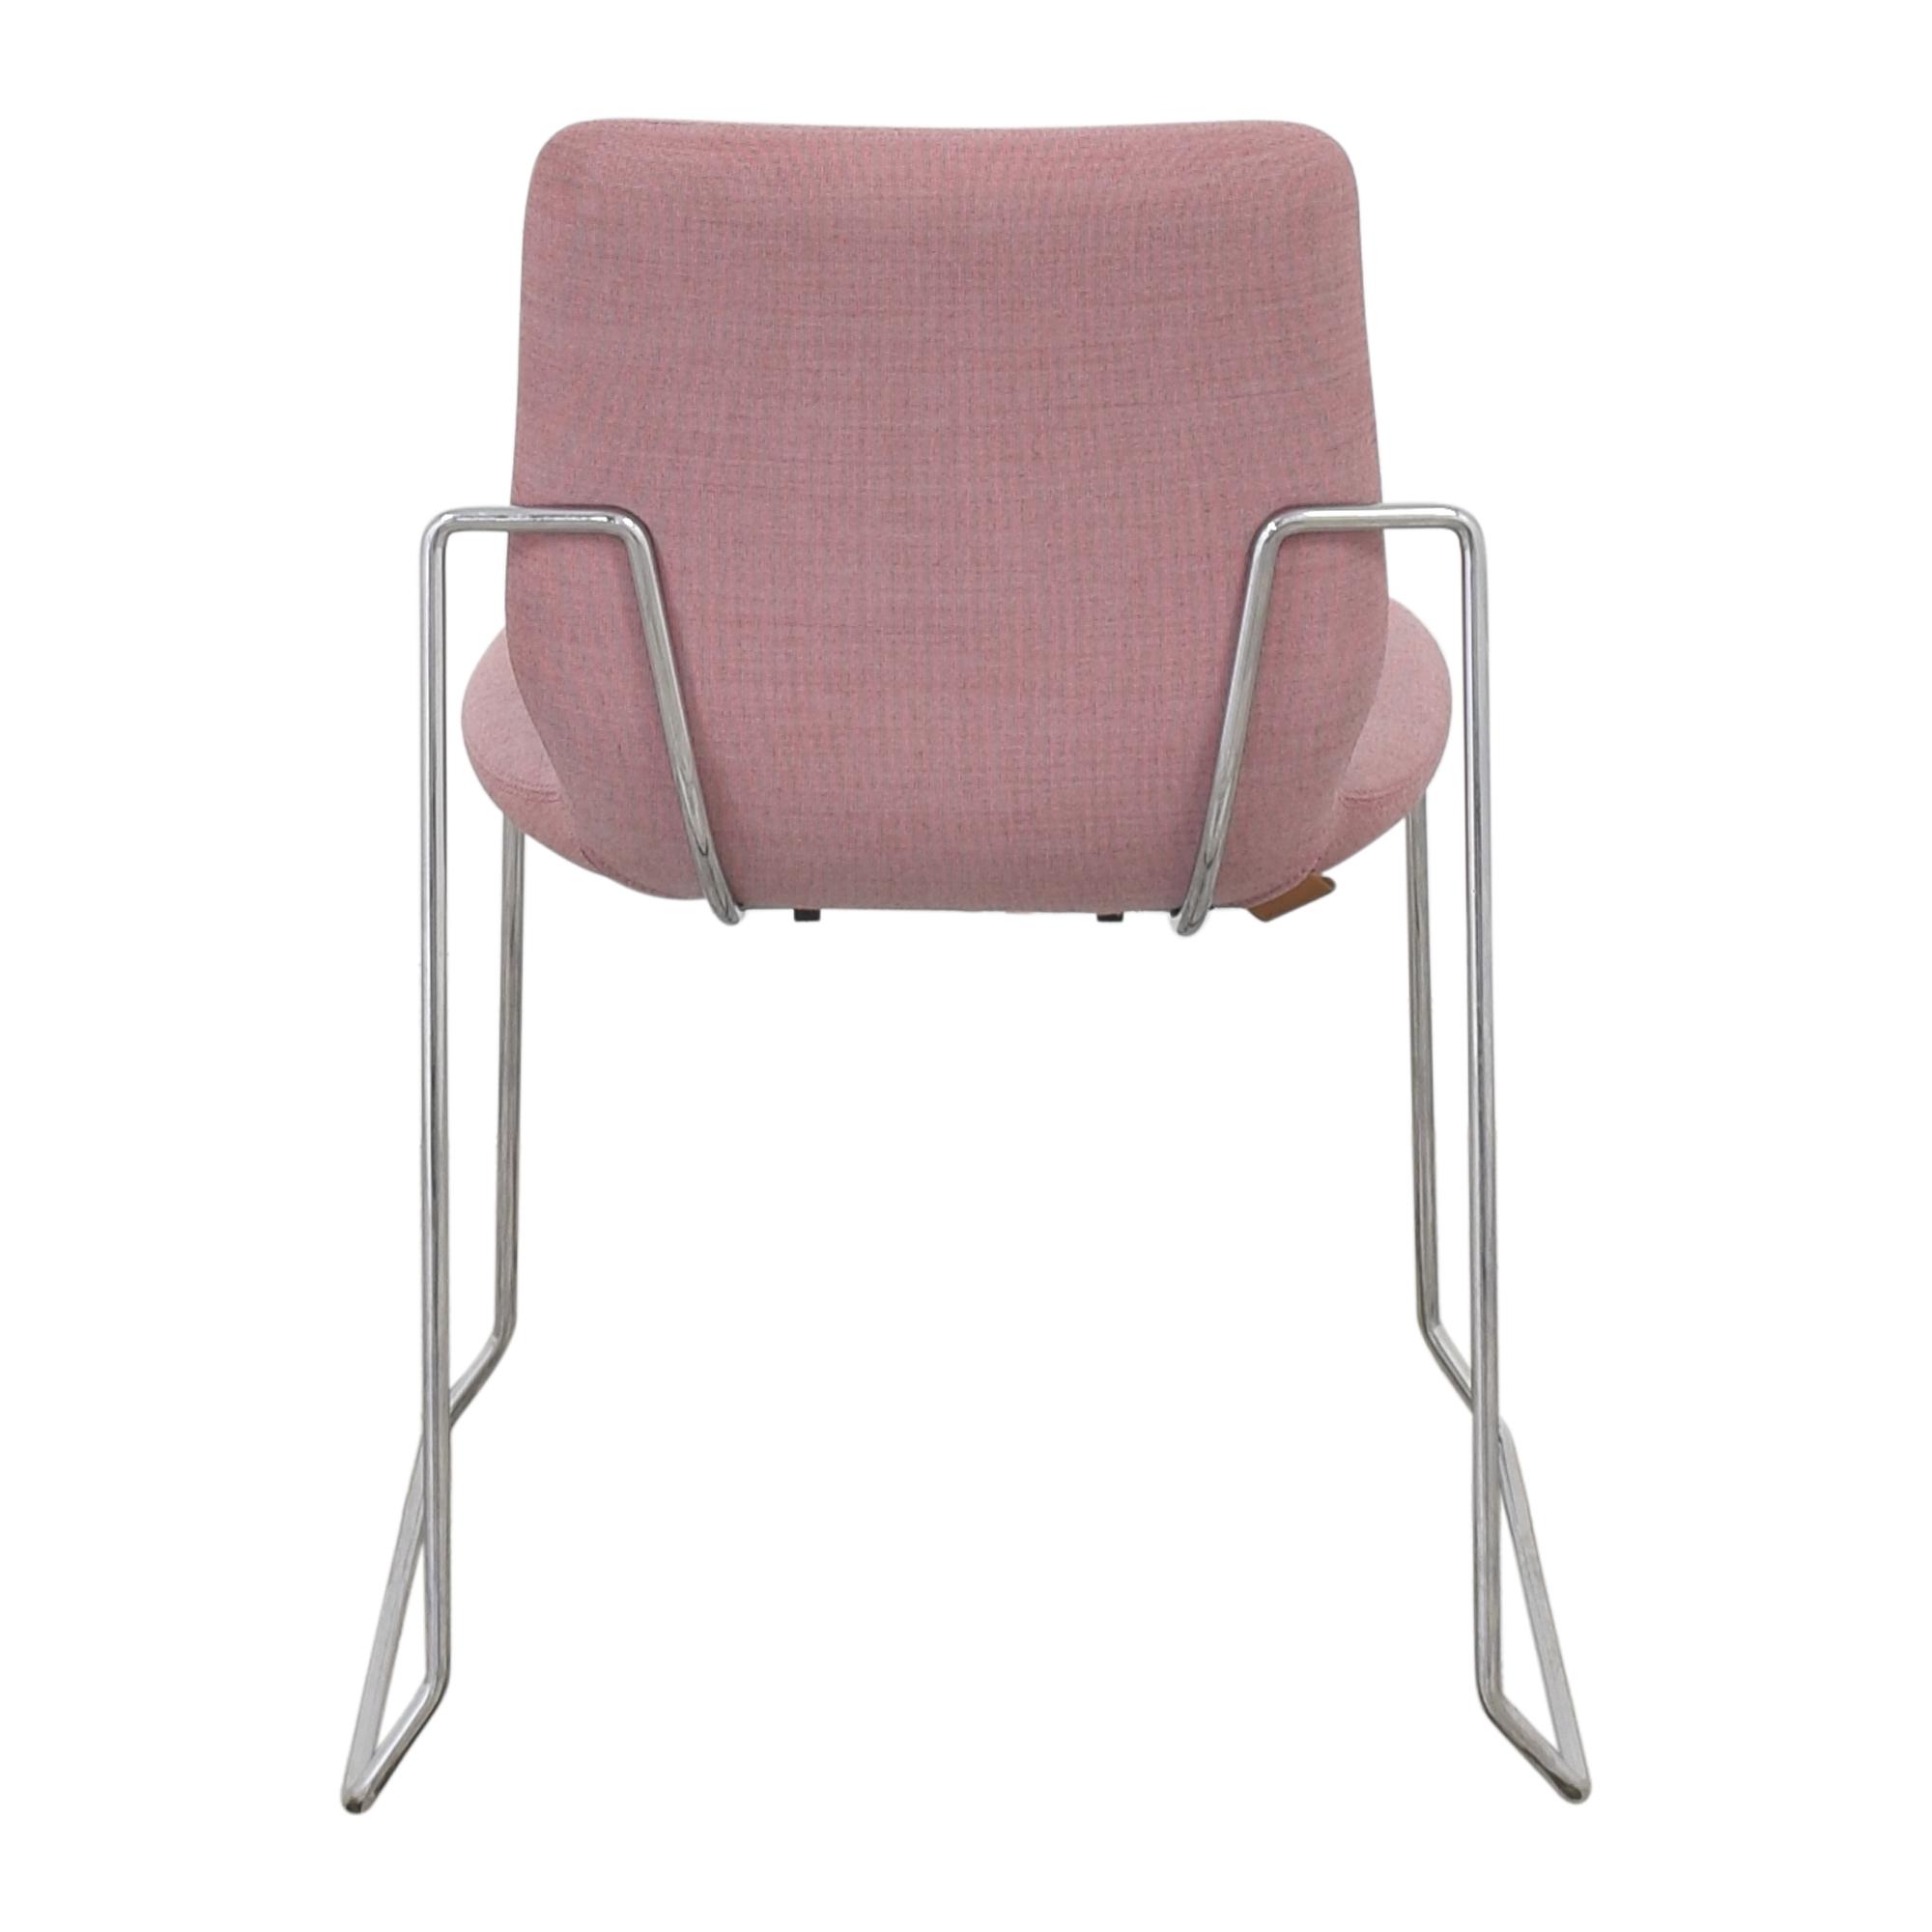 Koleksiyon Koleksiyon Asanda Armless Chair ma